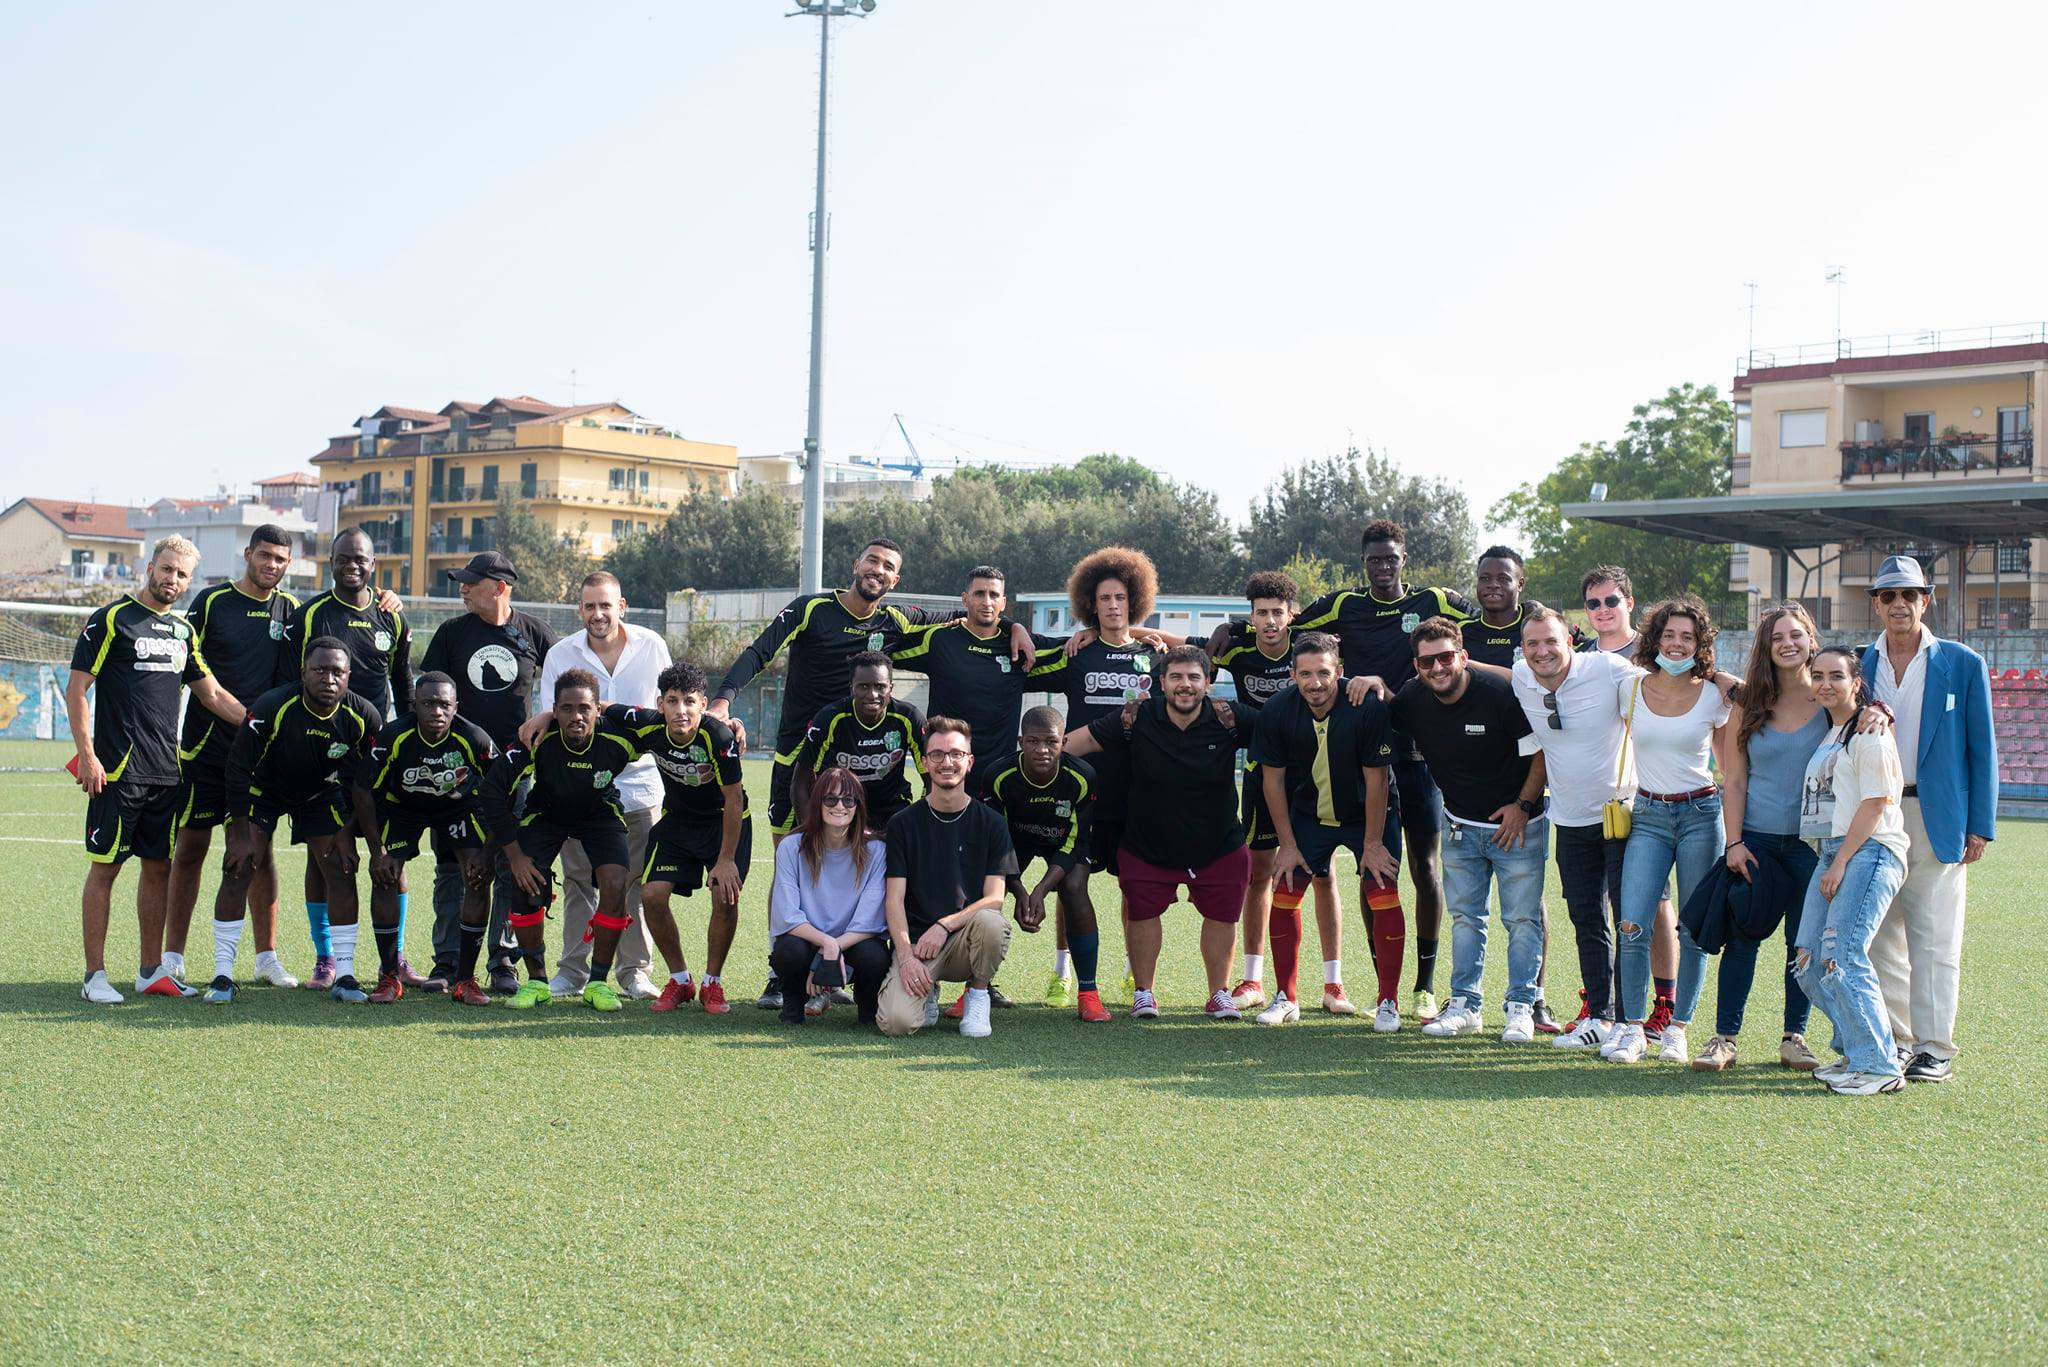 """""""Le buone pratiche per l'inclusione dei migranti attraverso lo sport"""": il Napoli United in campo per la partita dell'inclusione e integrazione"""